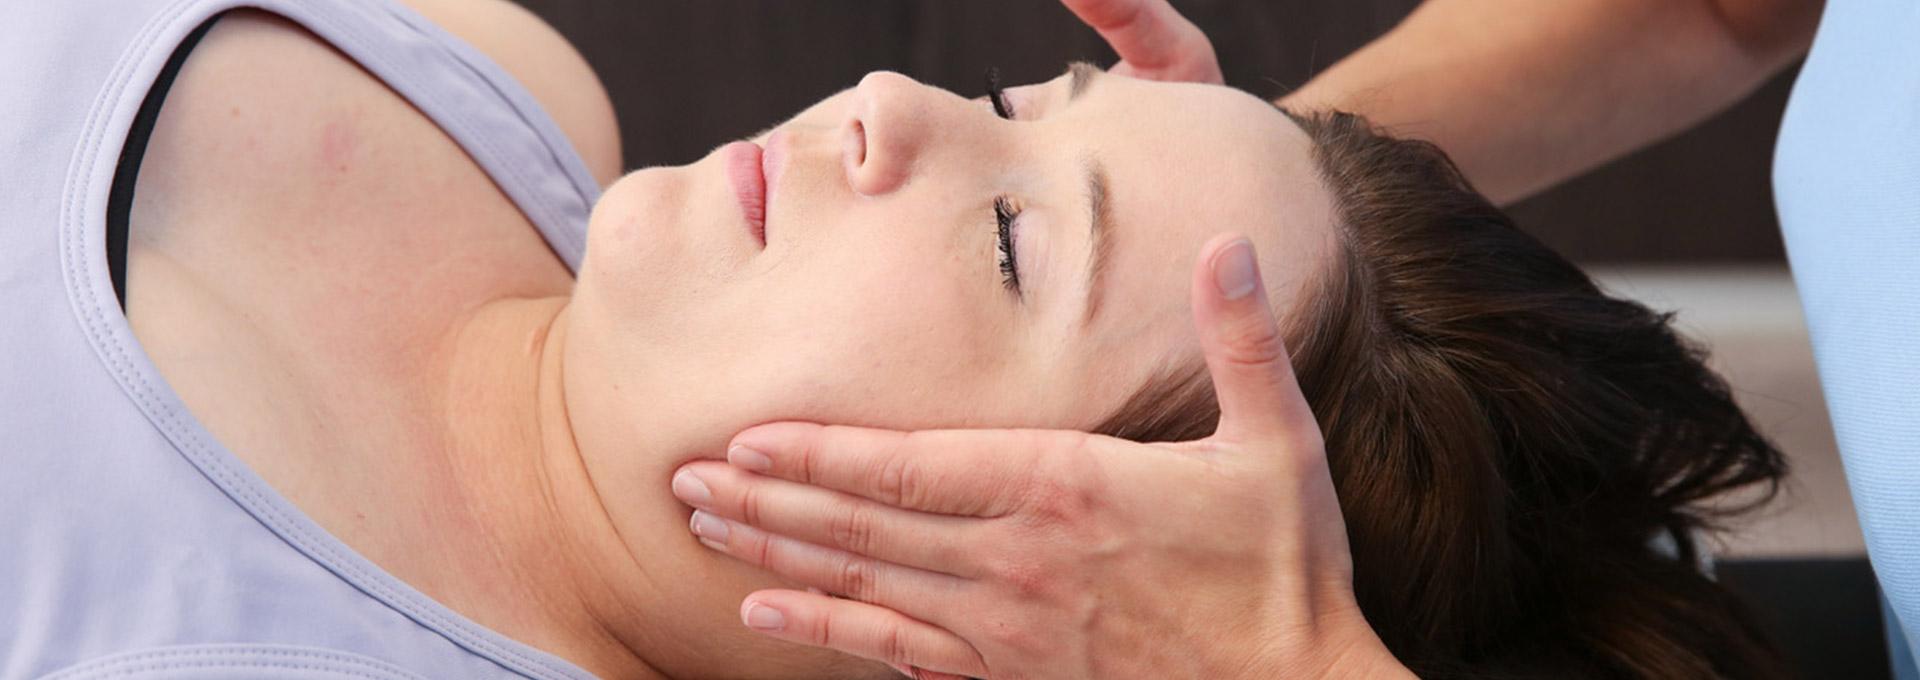 1920x680 7576 CMD Craniomandibuläre Dysfunktion Physiotherapie Orthopädie